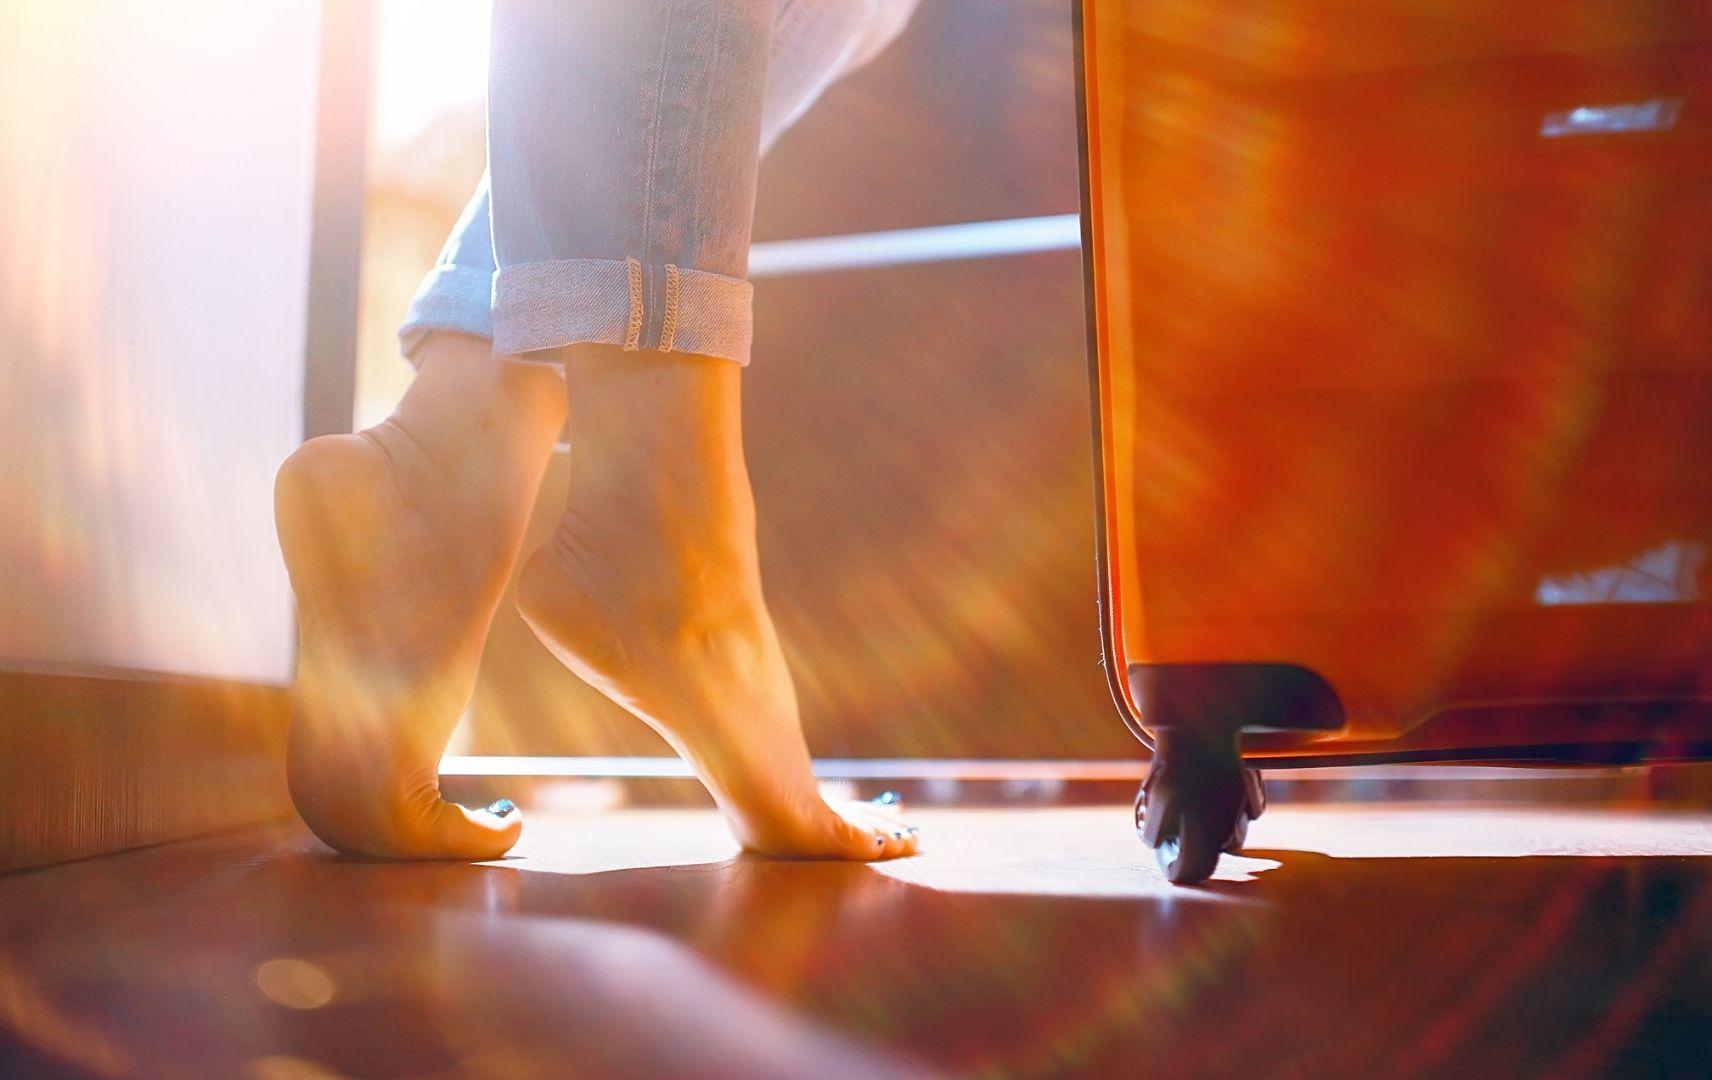 Füße und Koffer, Bewegung im Flugzeug